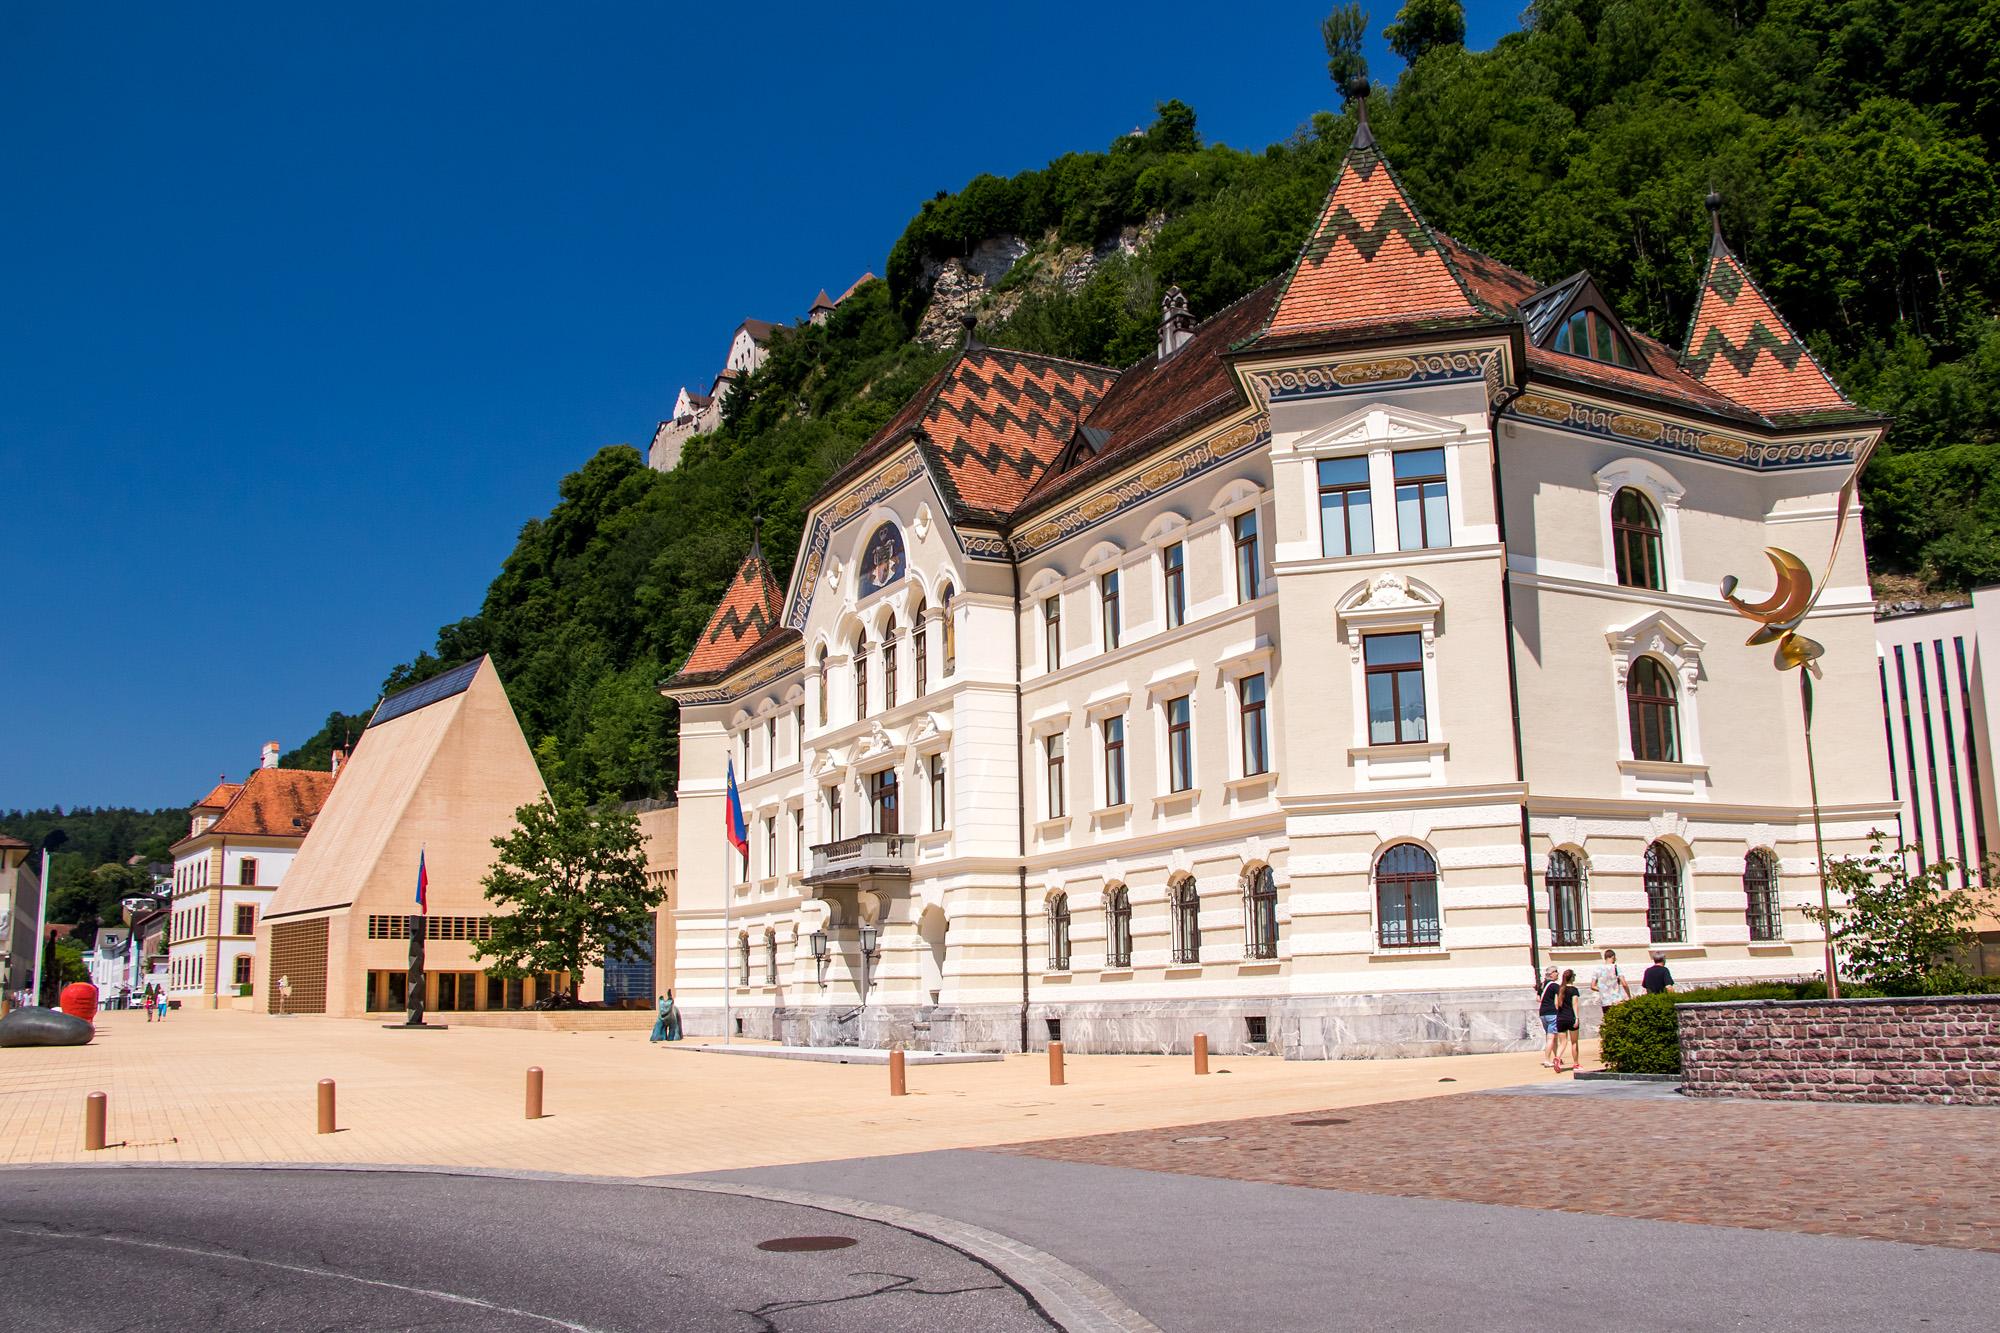 Im Städtle, dem Zentrum von Vaduz, mit Regierungs- und Parlamentsgebäude.